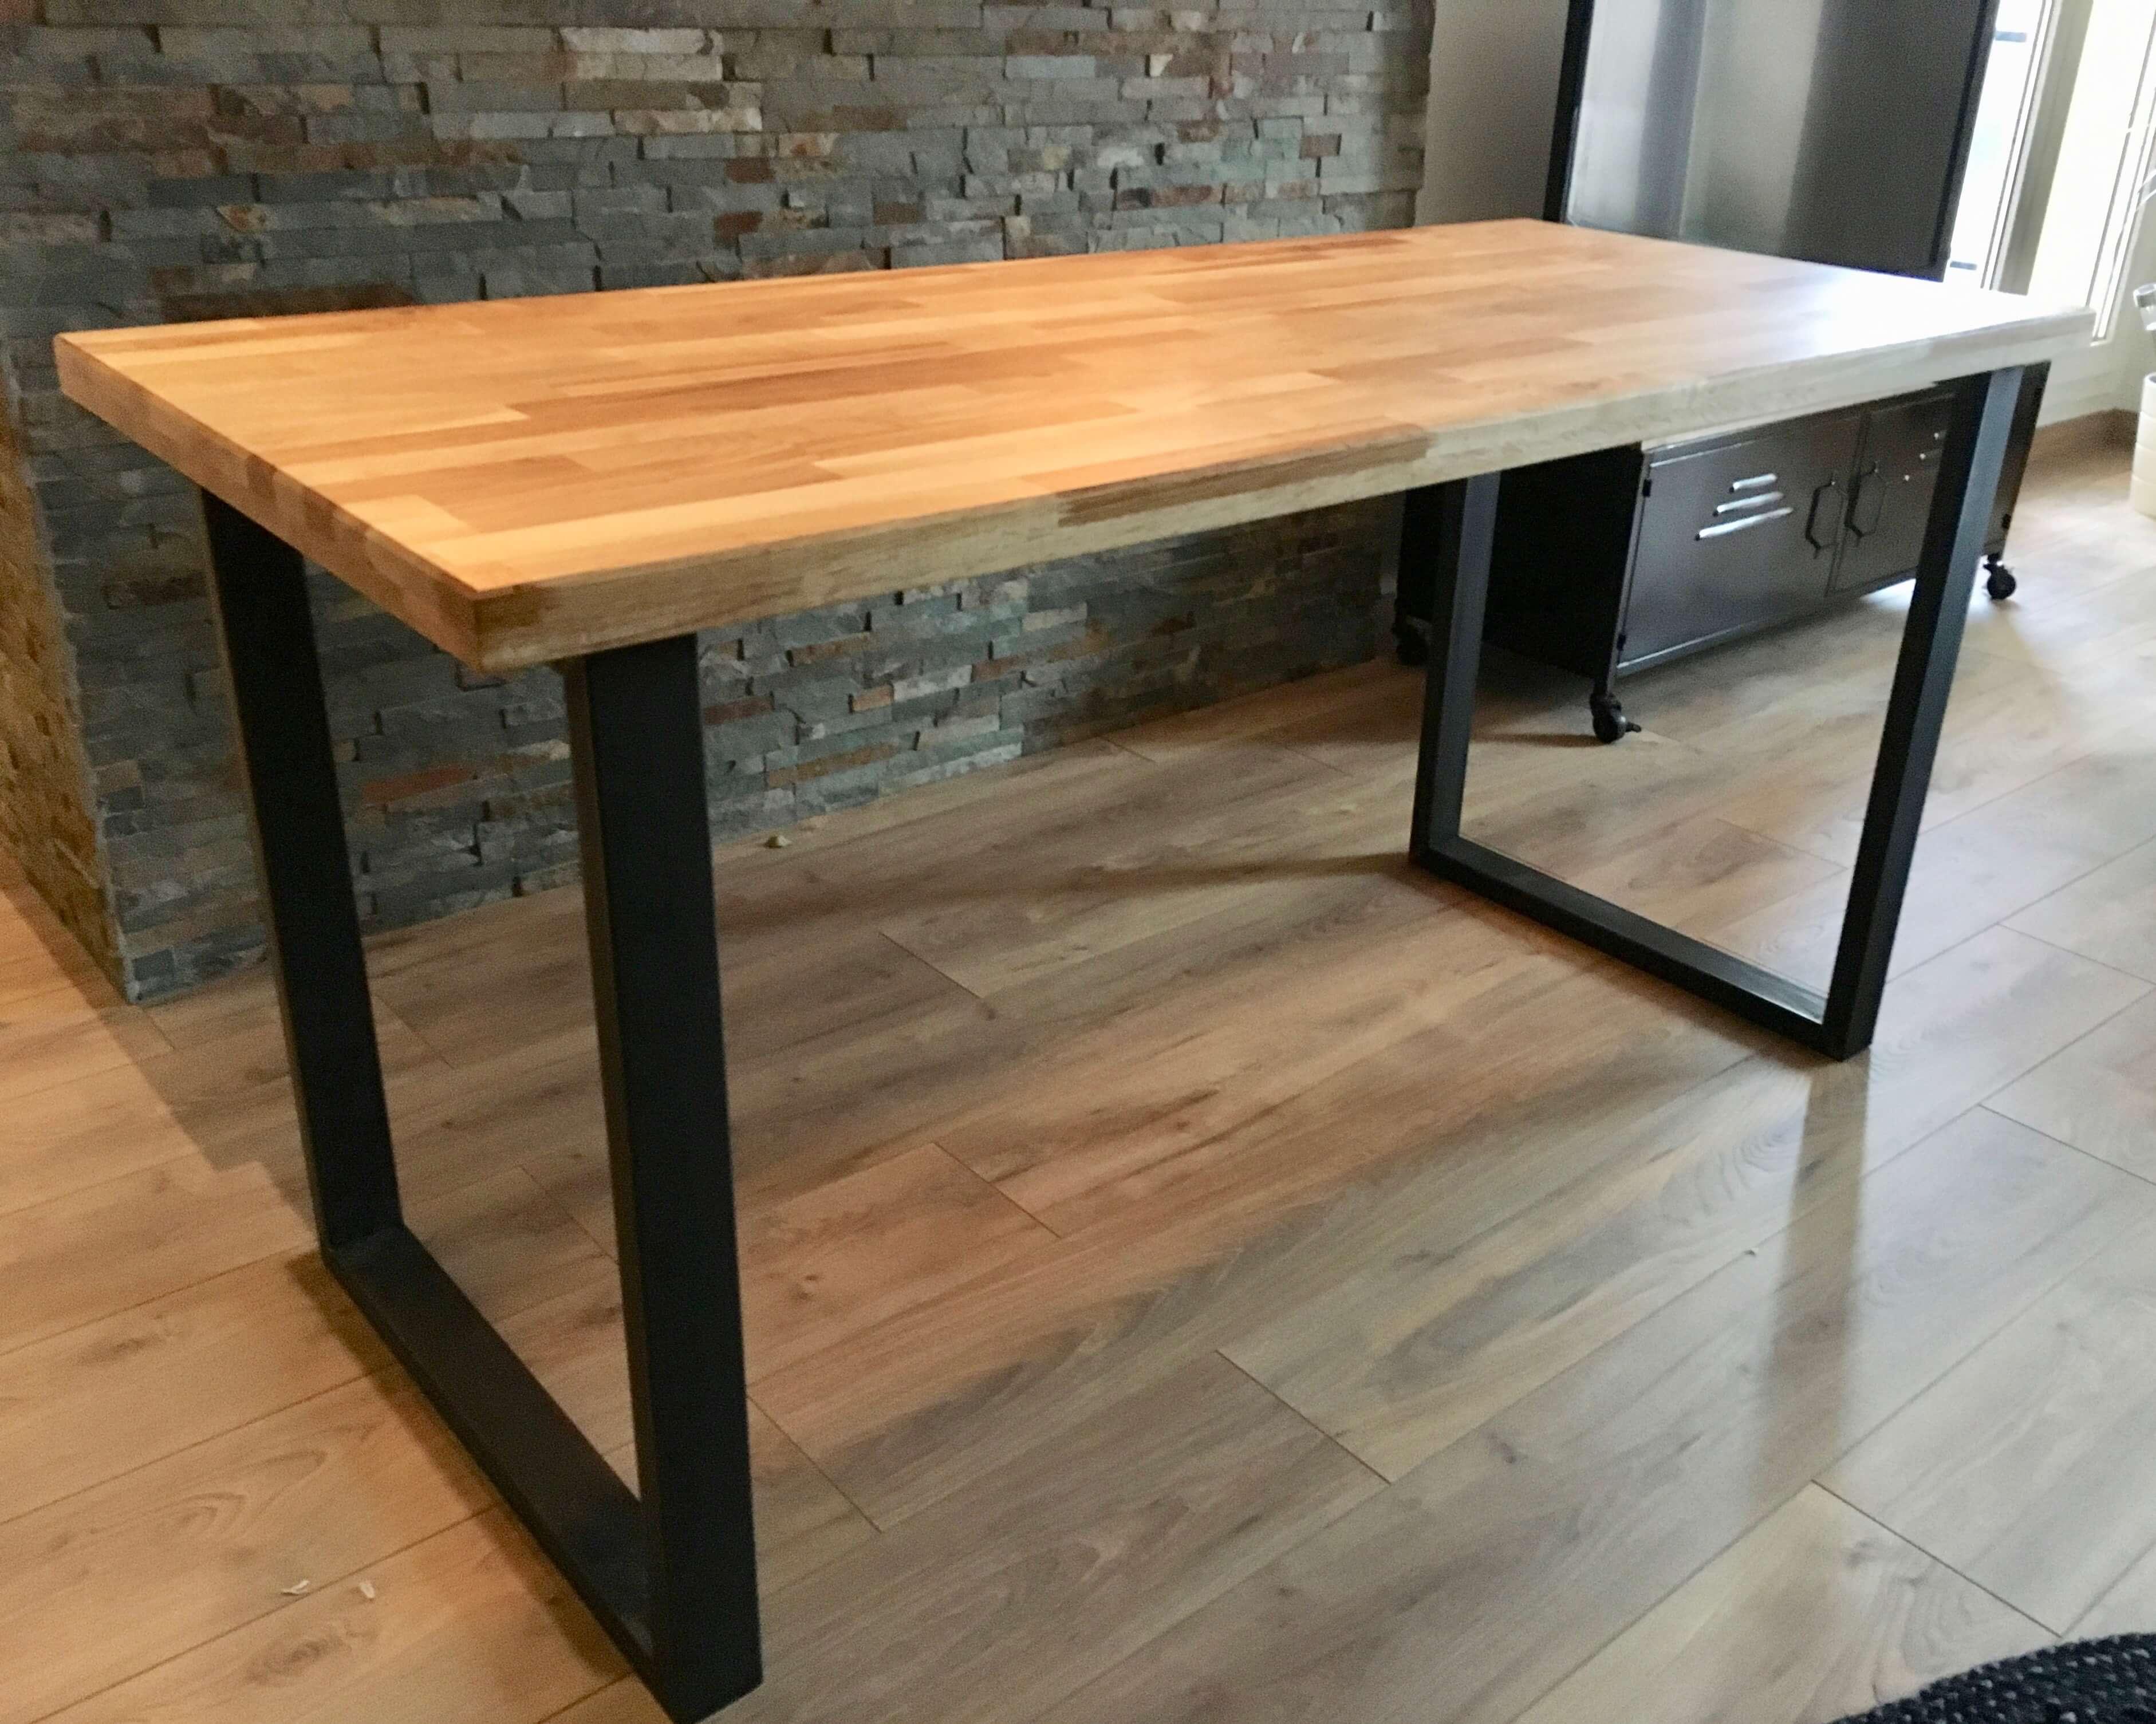 Baty r fabrication de meubles en bois sur mesure artisan dans